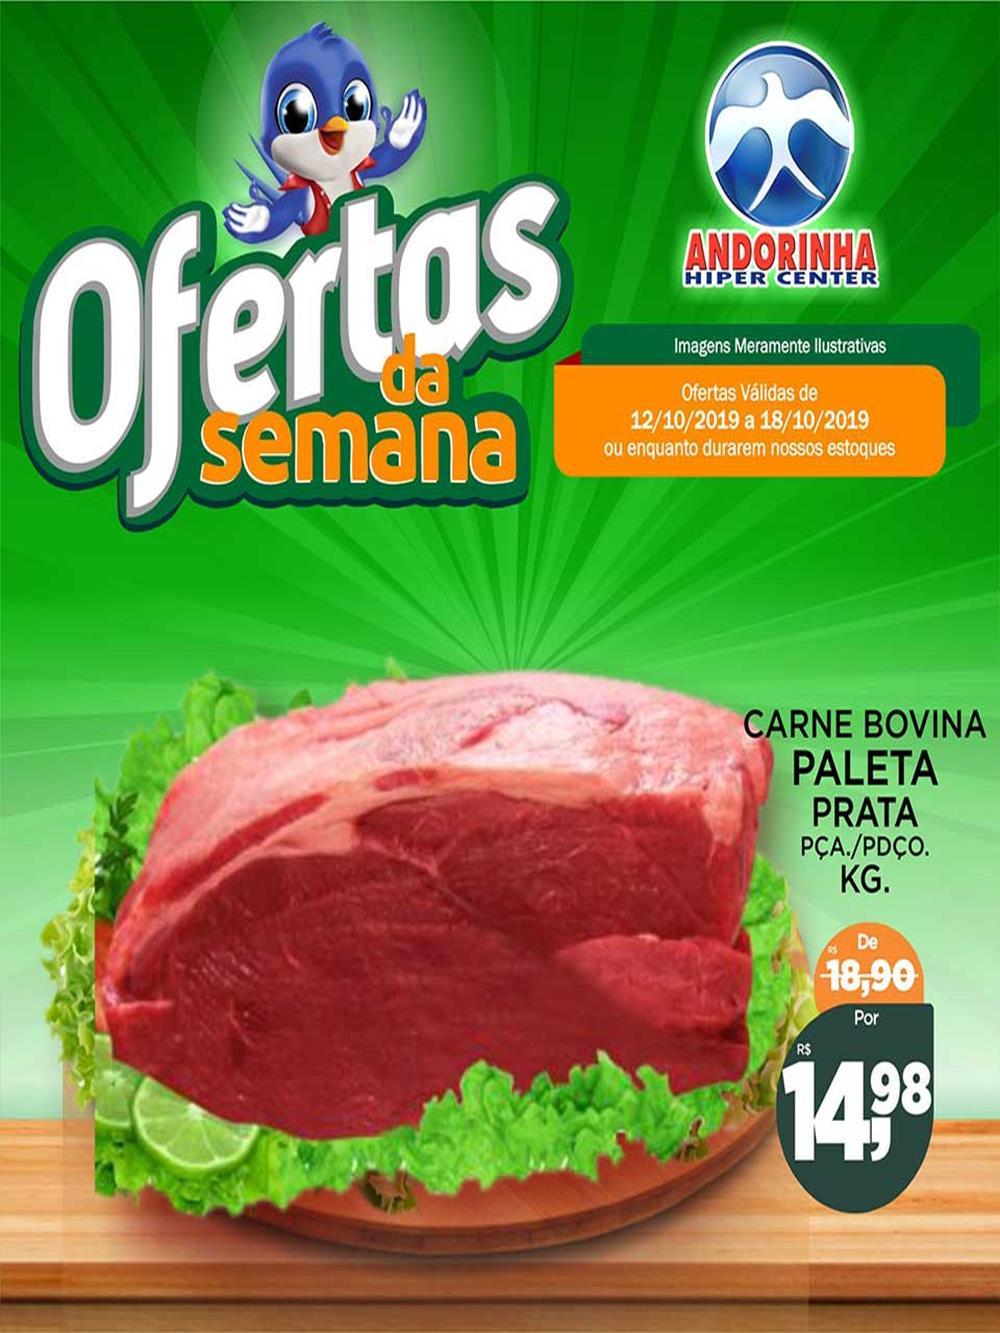 Andorinha-Ofertas-Tabloide7 Ofertas de supermercados - Black Friday 2019